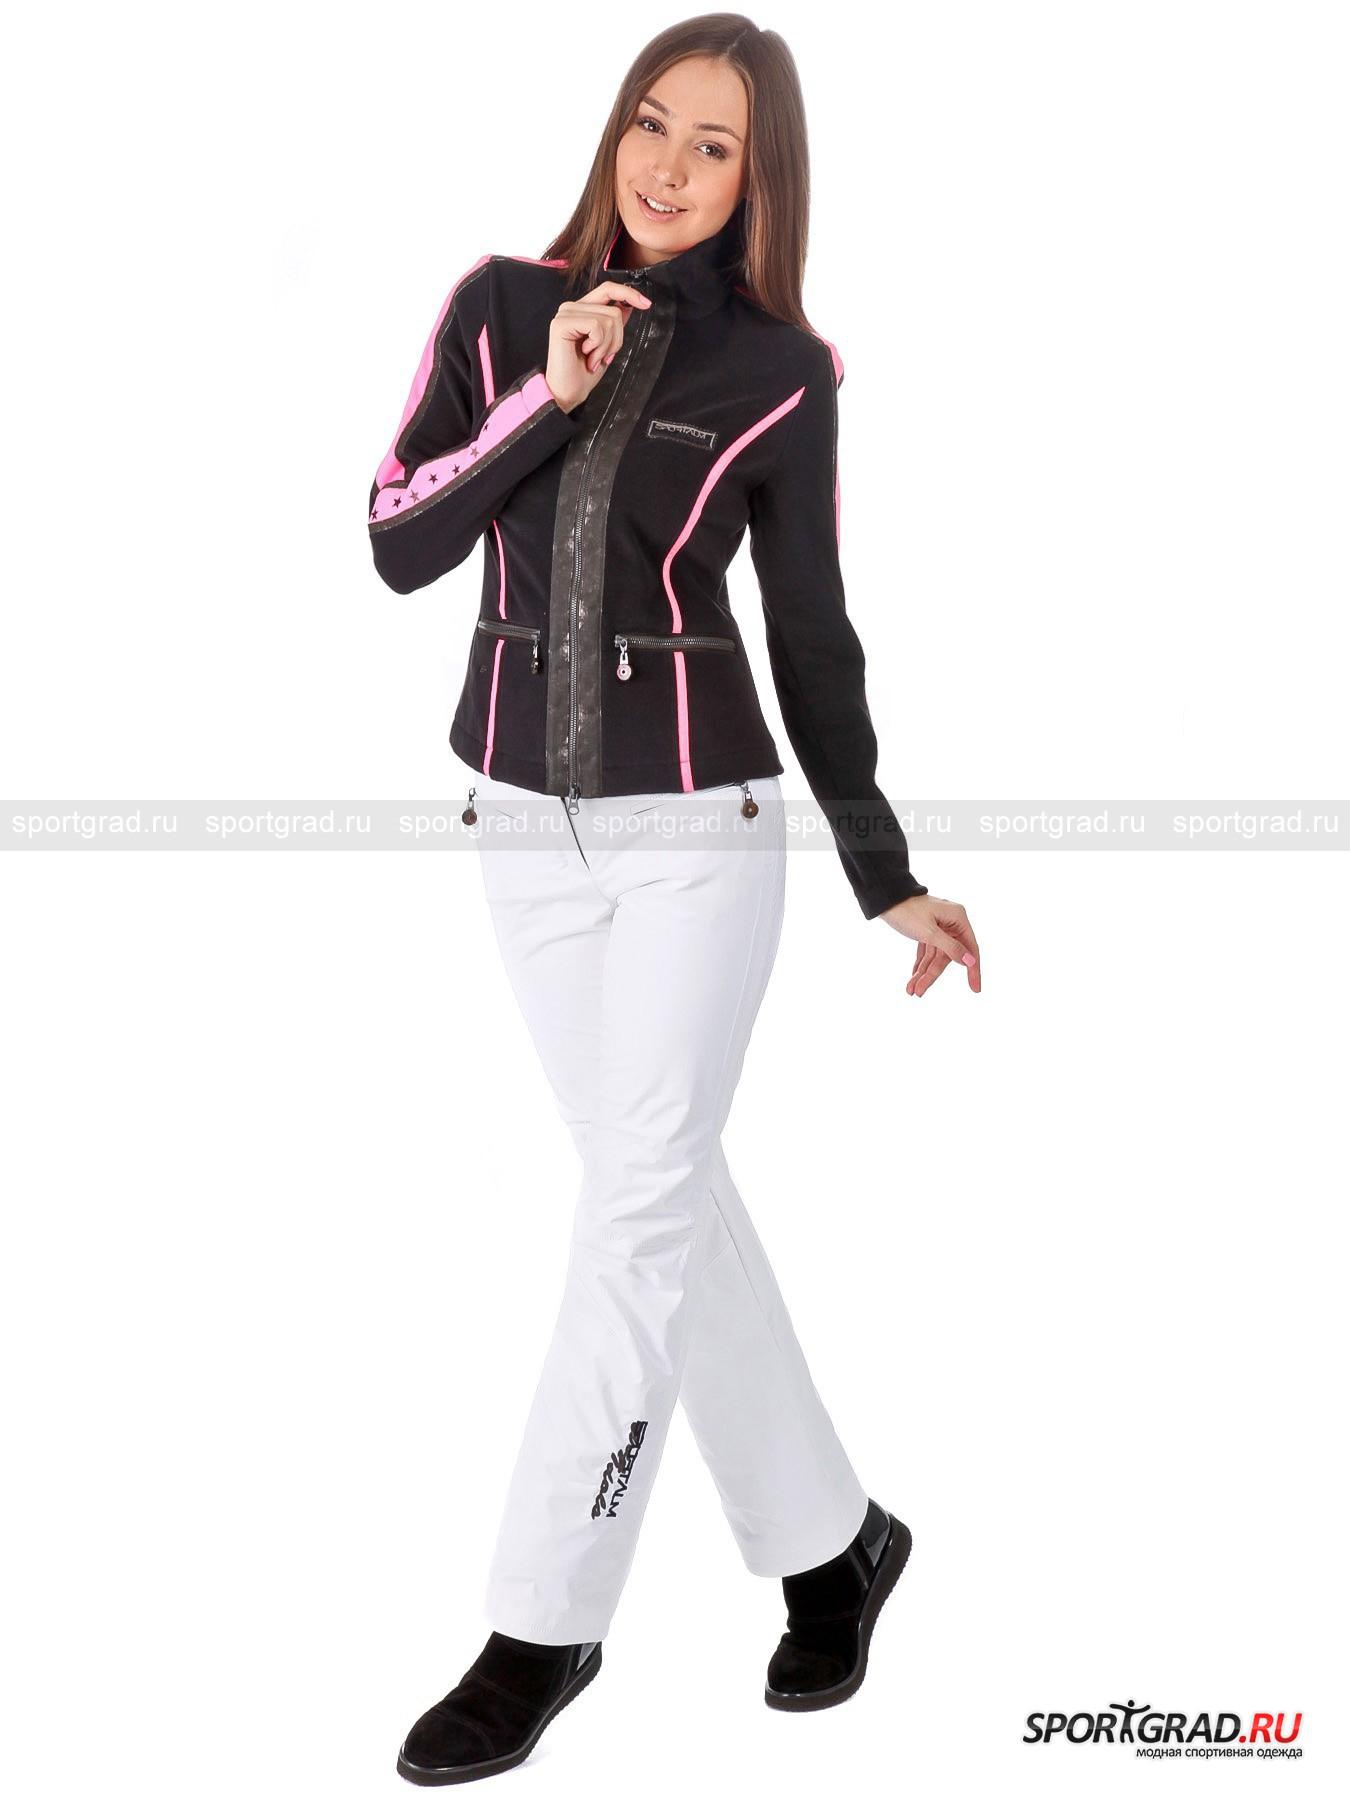 Купить горнолыжный костюм женский с доставкой